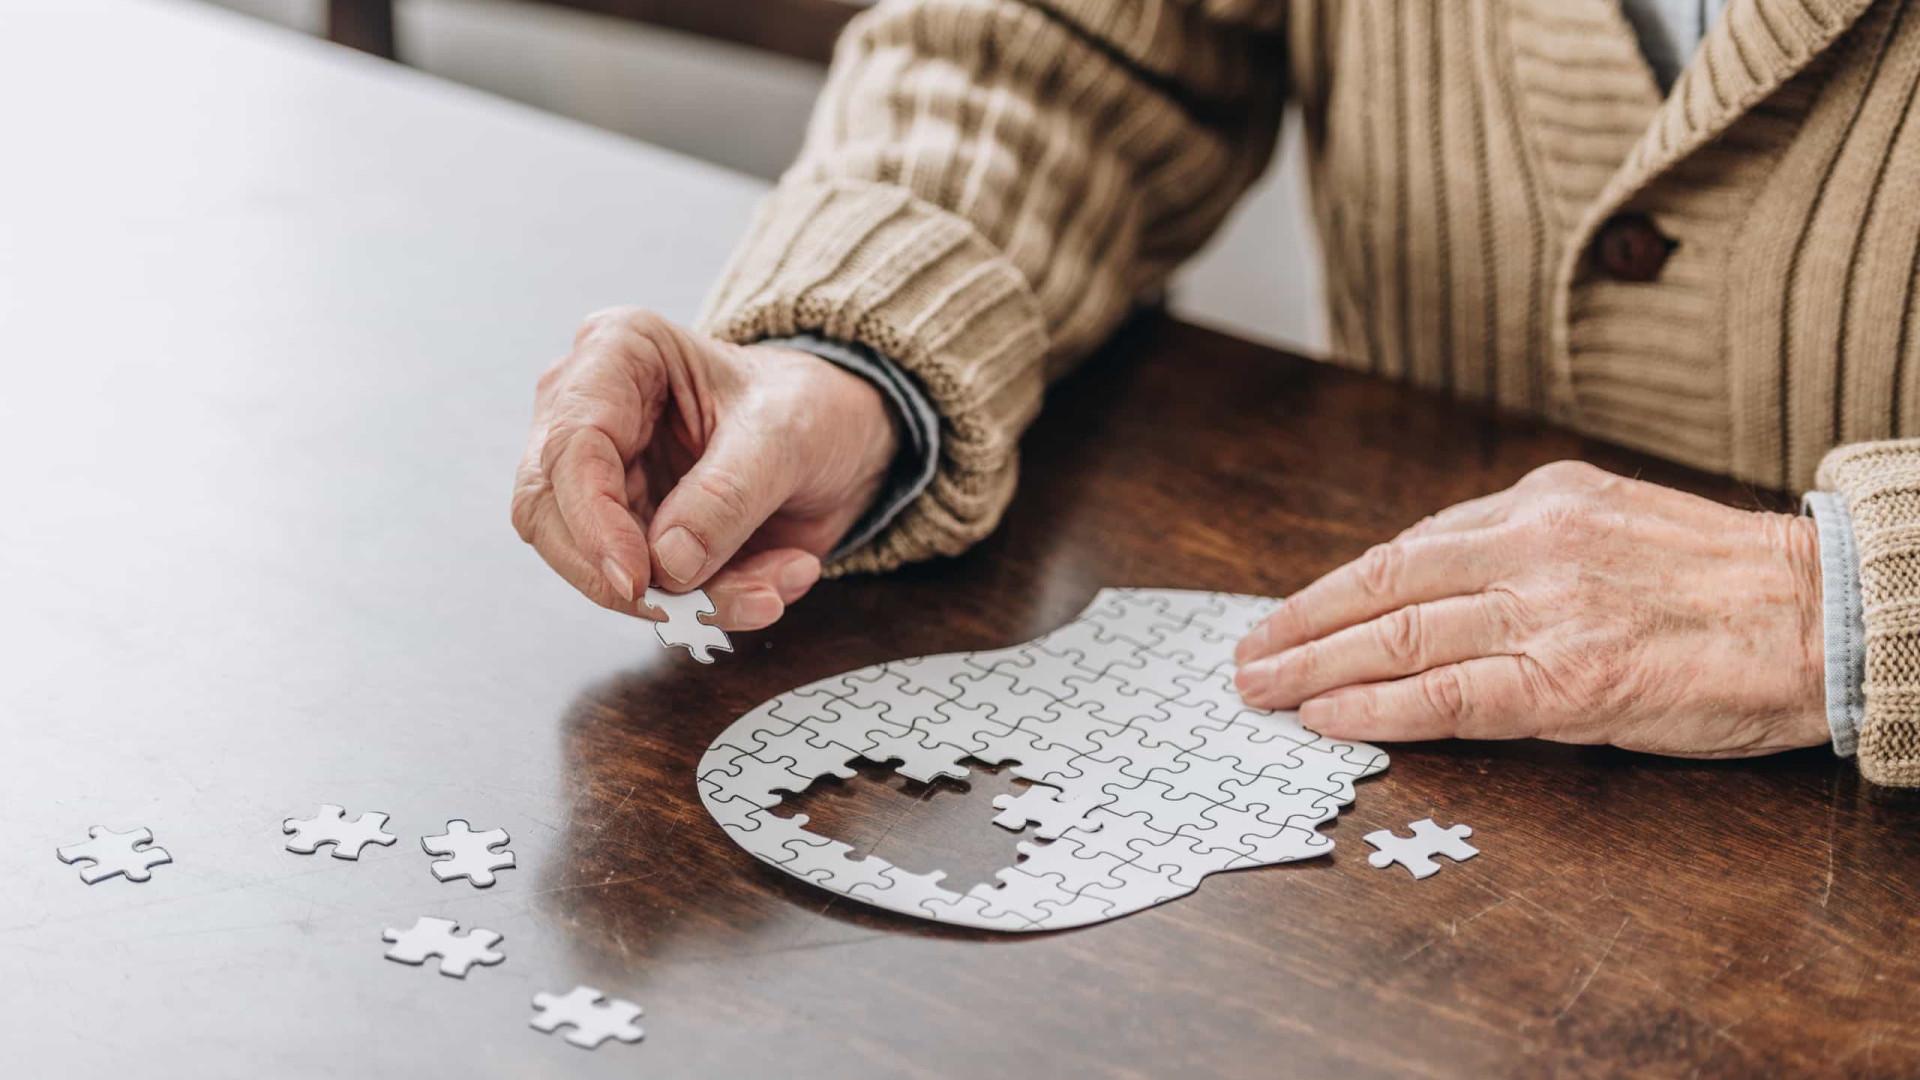 Medicamento previne mecanismo cerebral que provoca Alzheimer